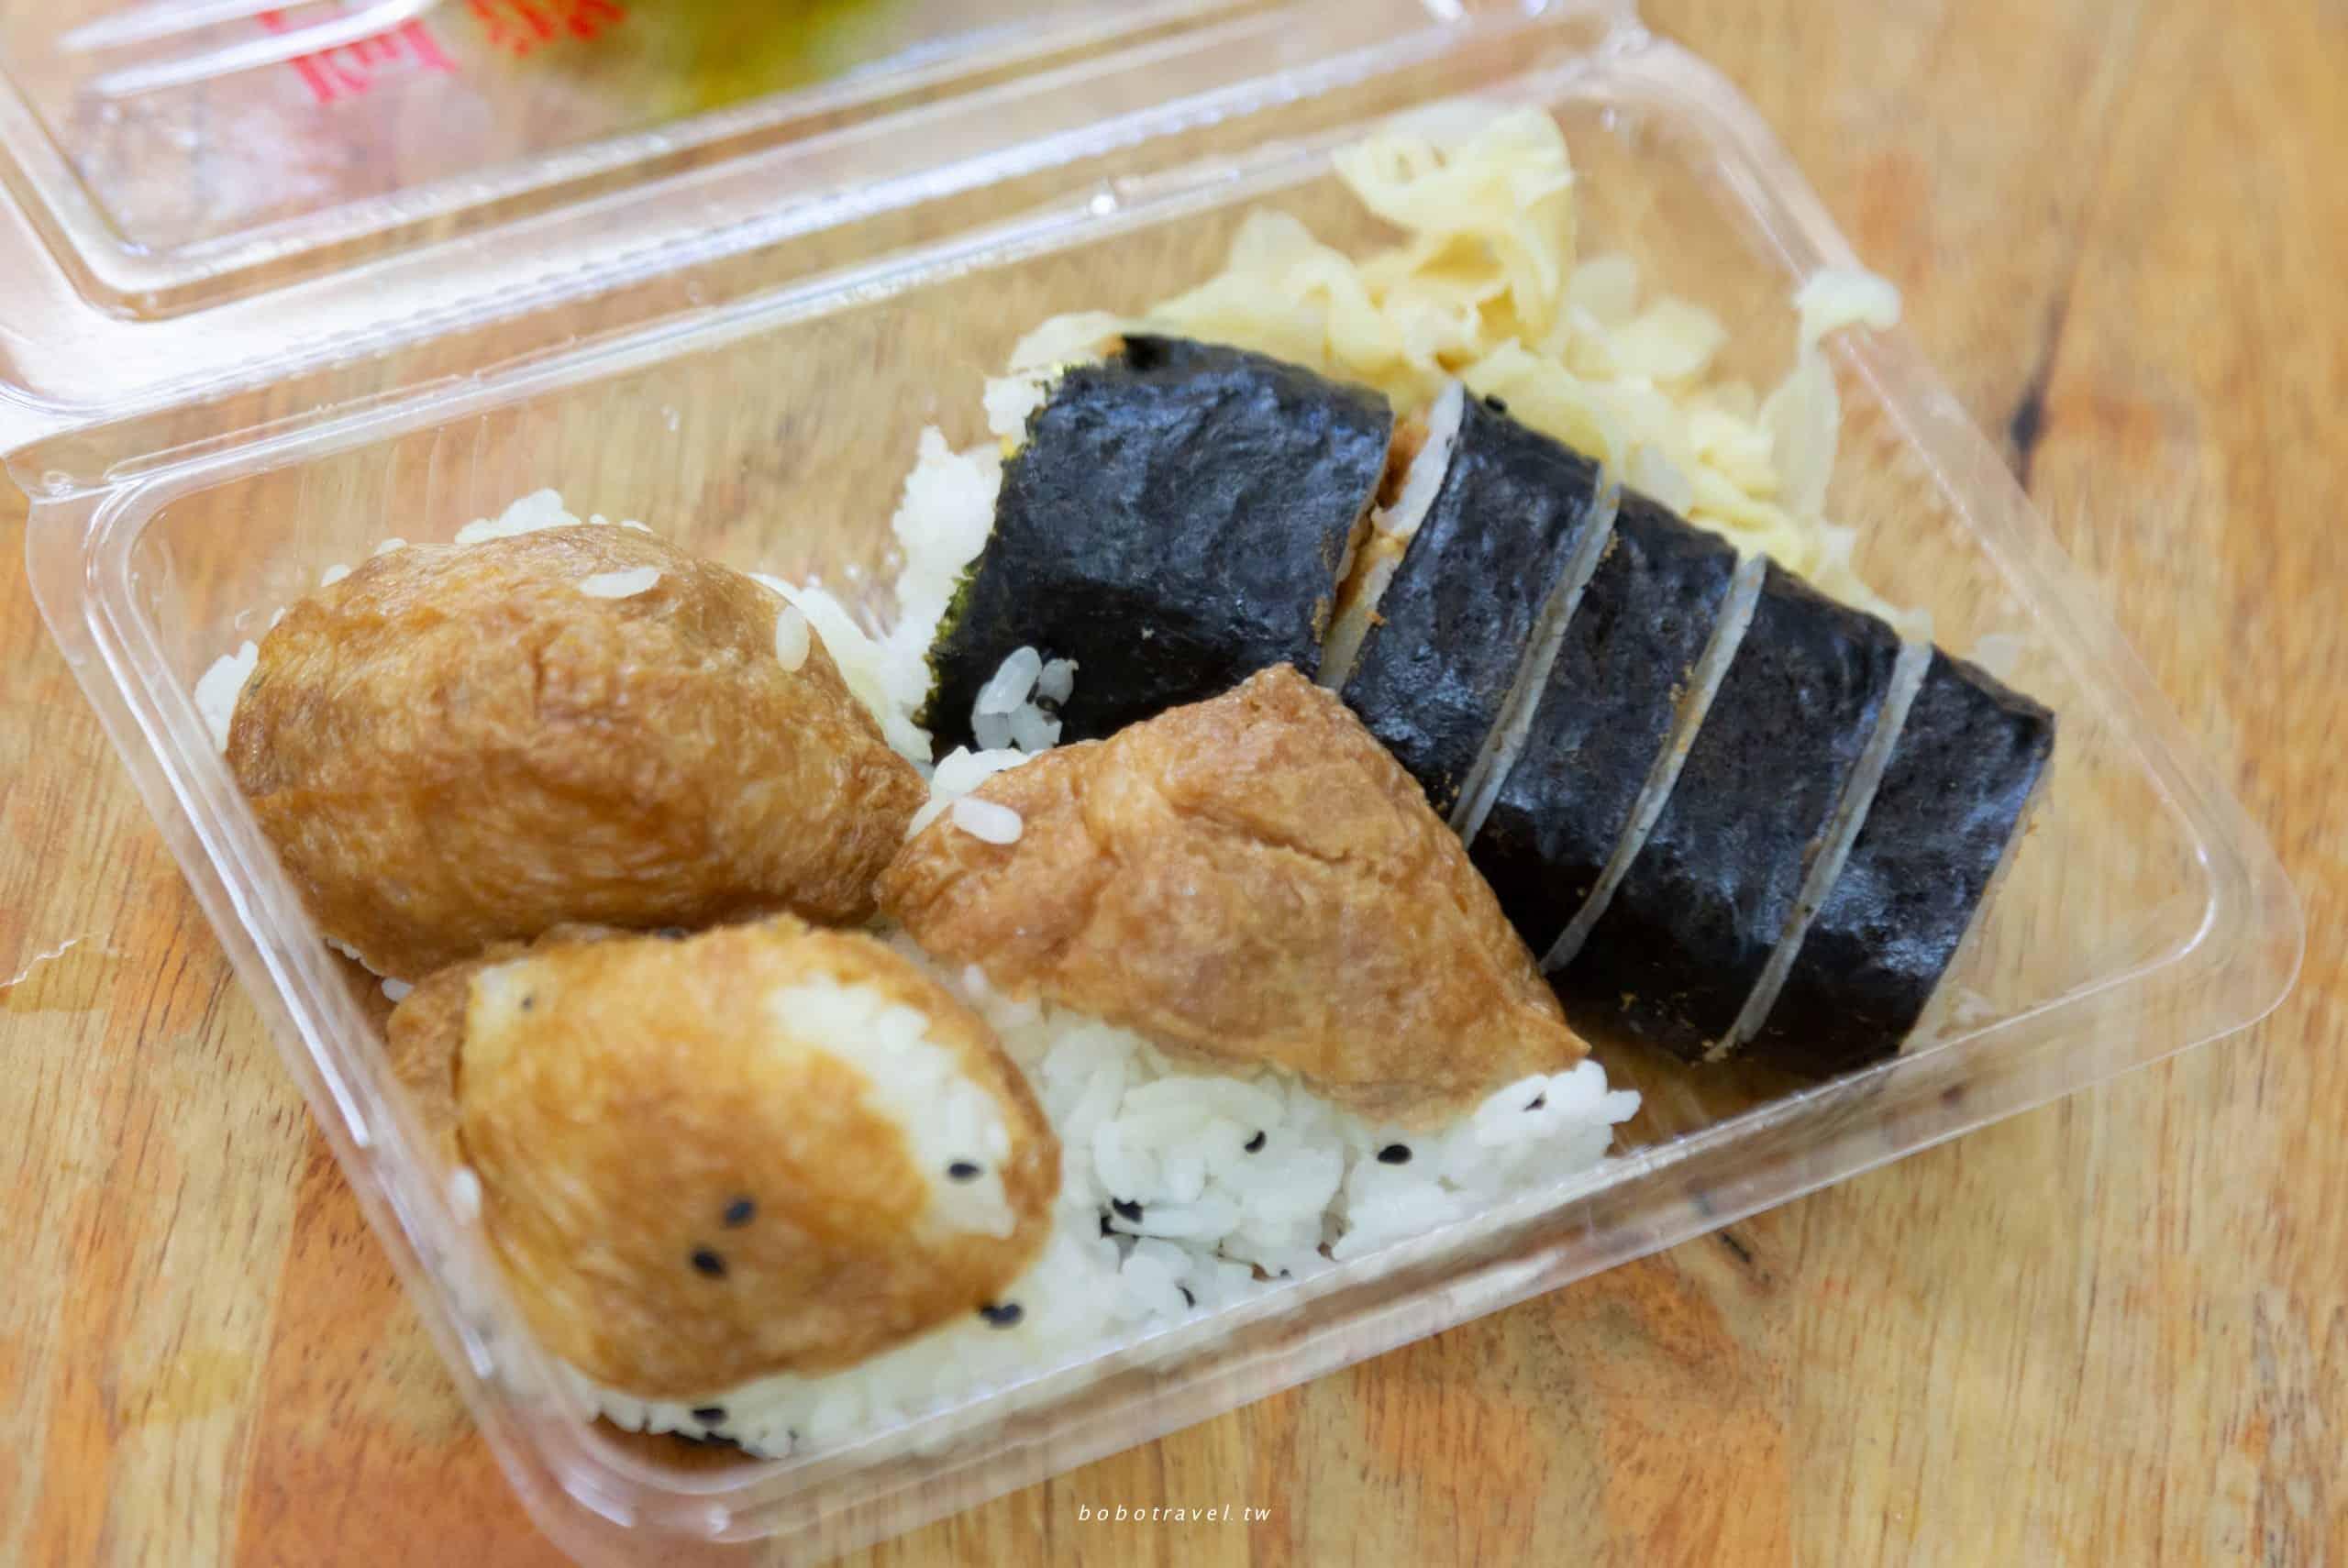 阿婆壽司、鶯歌美食|24小時營業!鶯歌老街平價壽司,一賣50多年成為當地人共同回憶